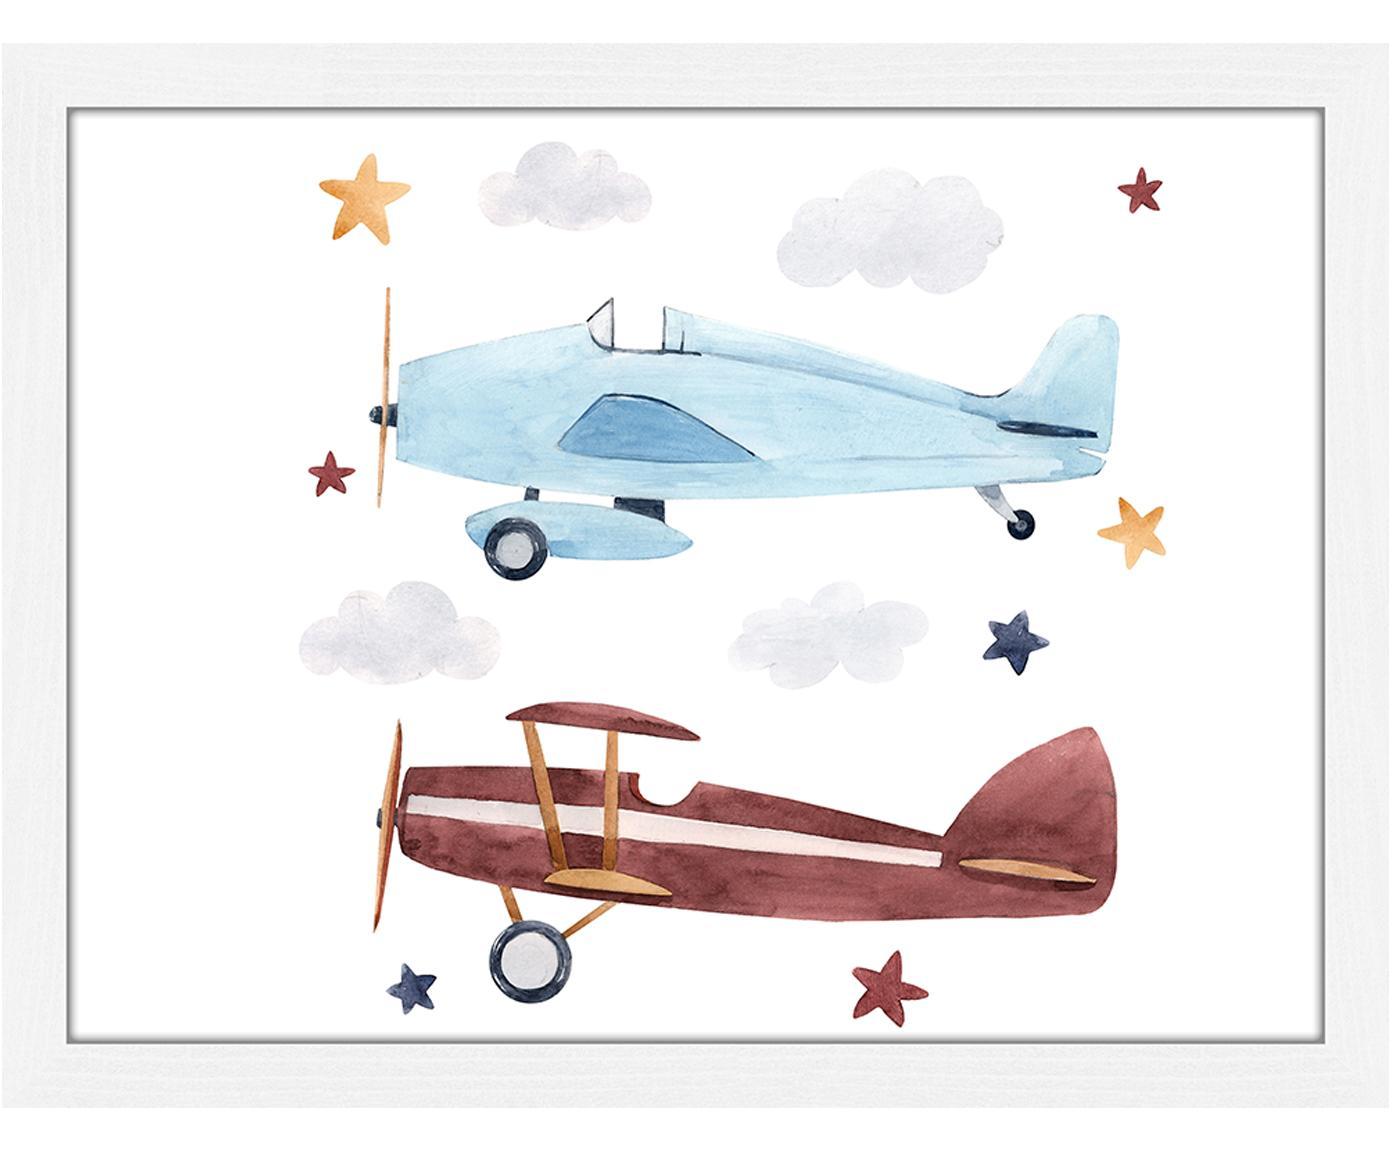 Gerahmter Digitaldruck Planes, Bild: Digitaldruck auf Papier, , Rahmen: Holz, lackiert, Front: Plexiglas, Weiß, Blau, Braun, Gelb, Grau, 43 x 33 cm